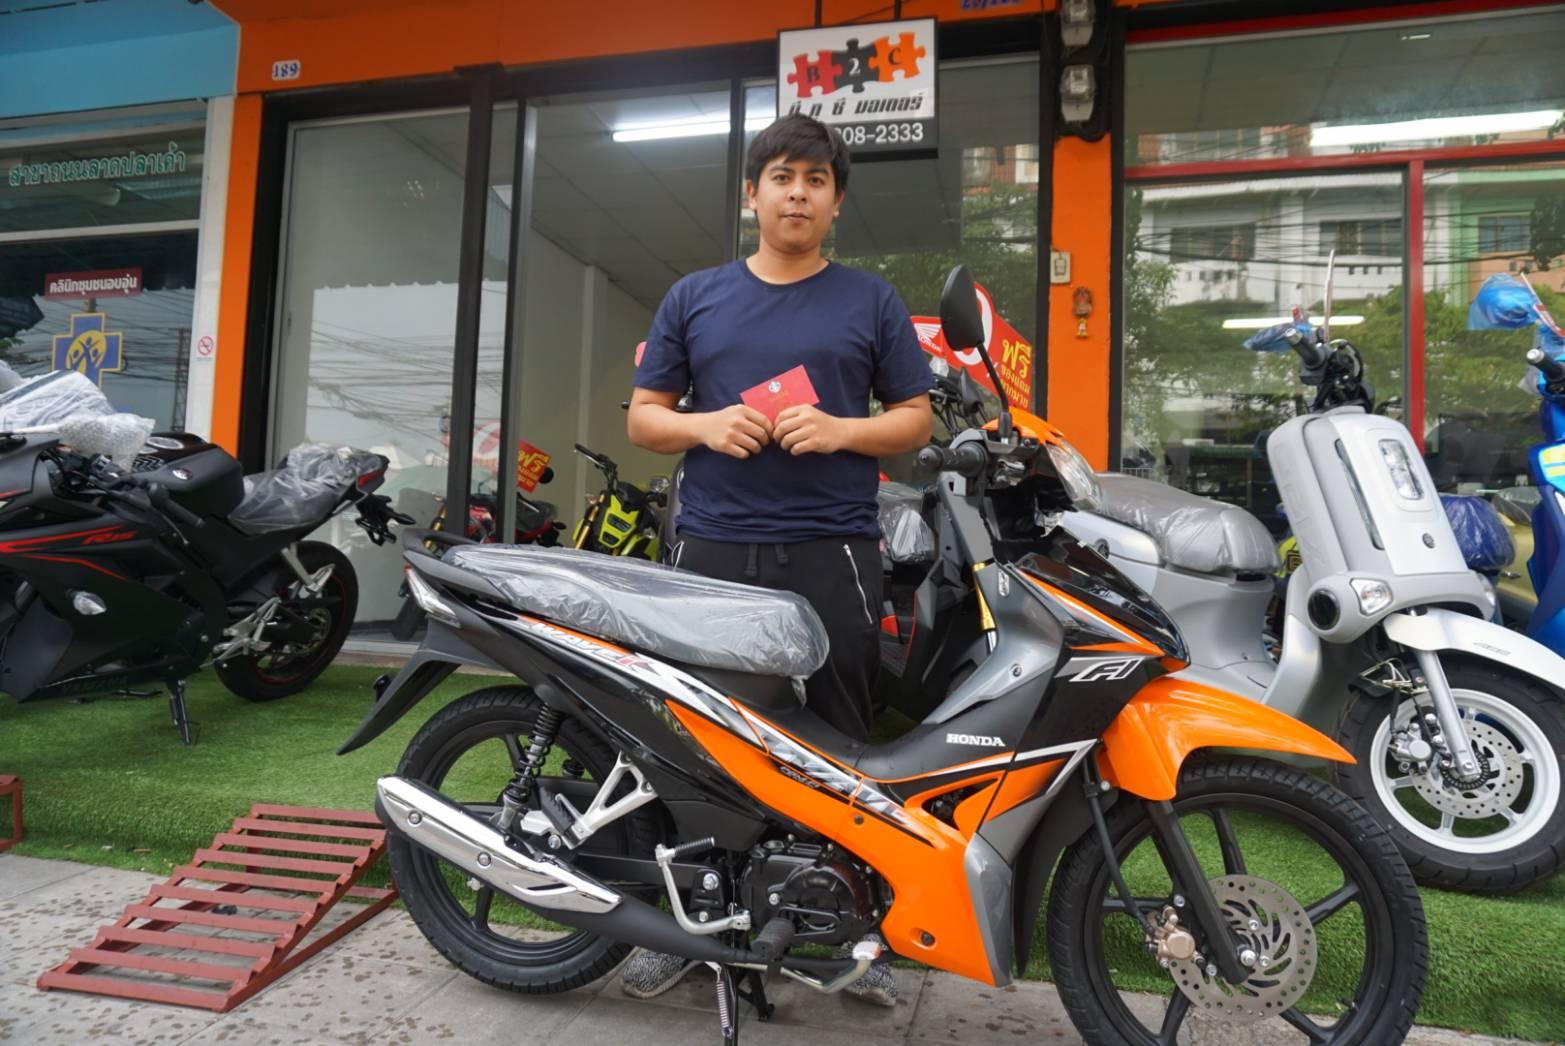 ฮอนด้าเวฟ110 ส้มดำ ฟรีดาวน์